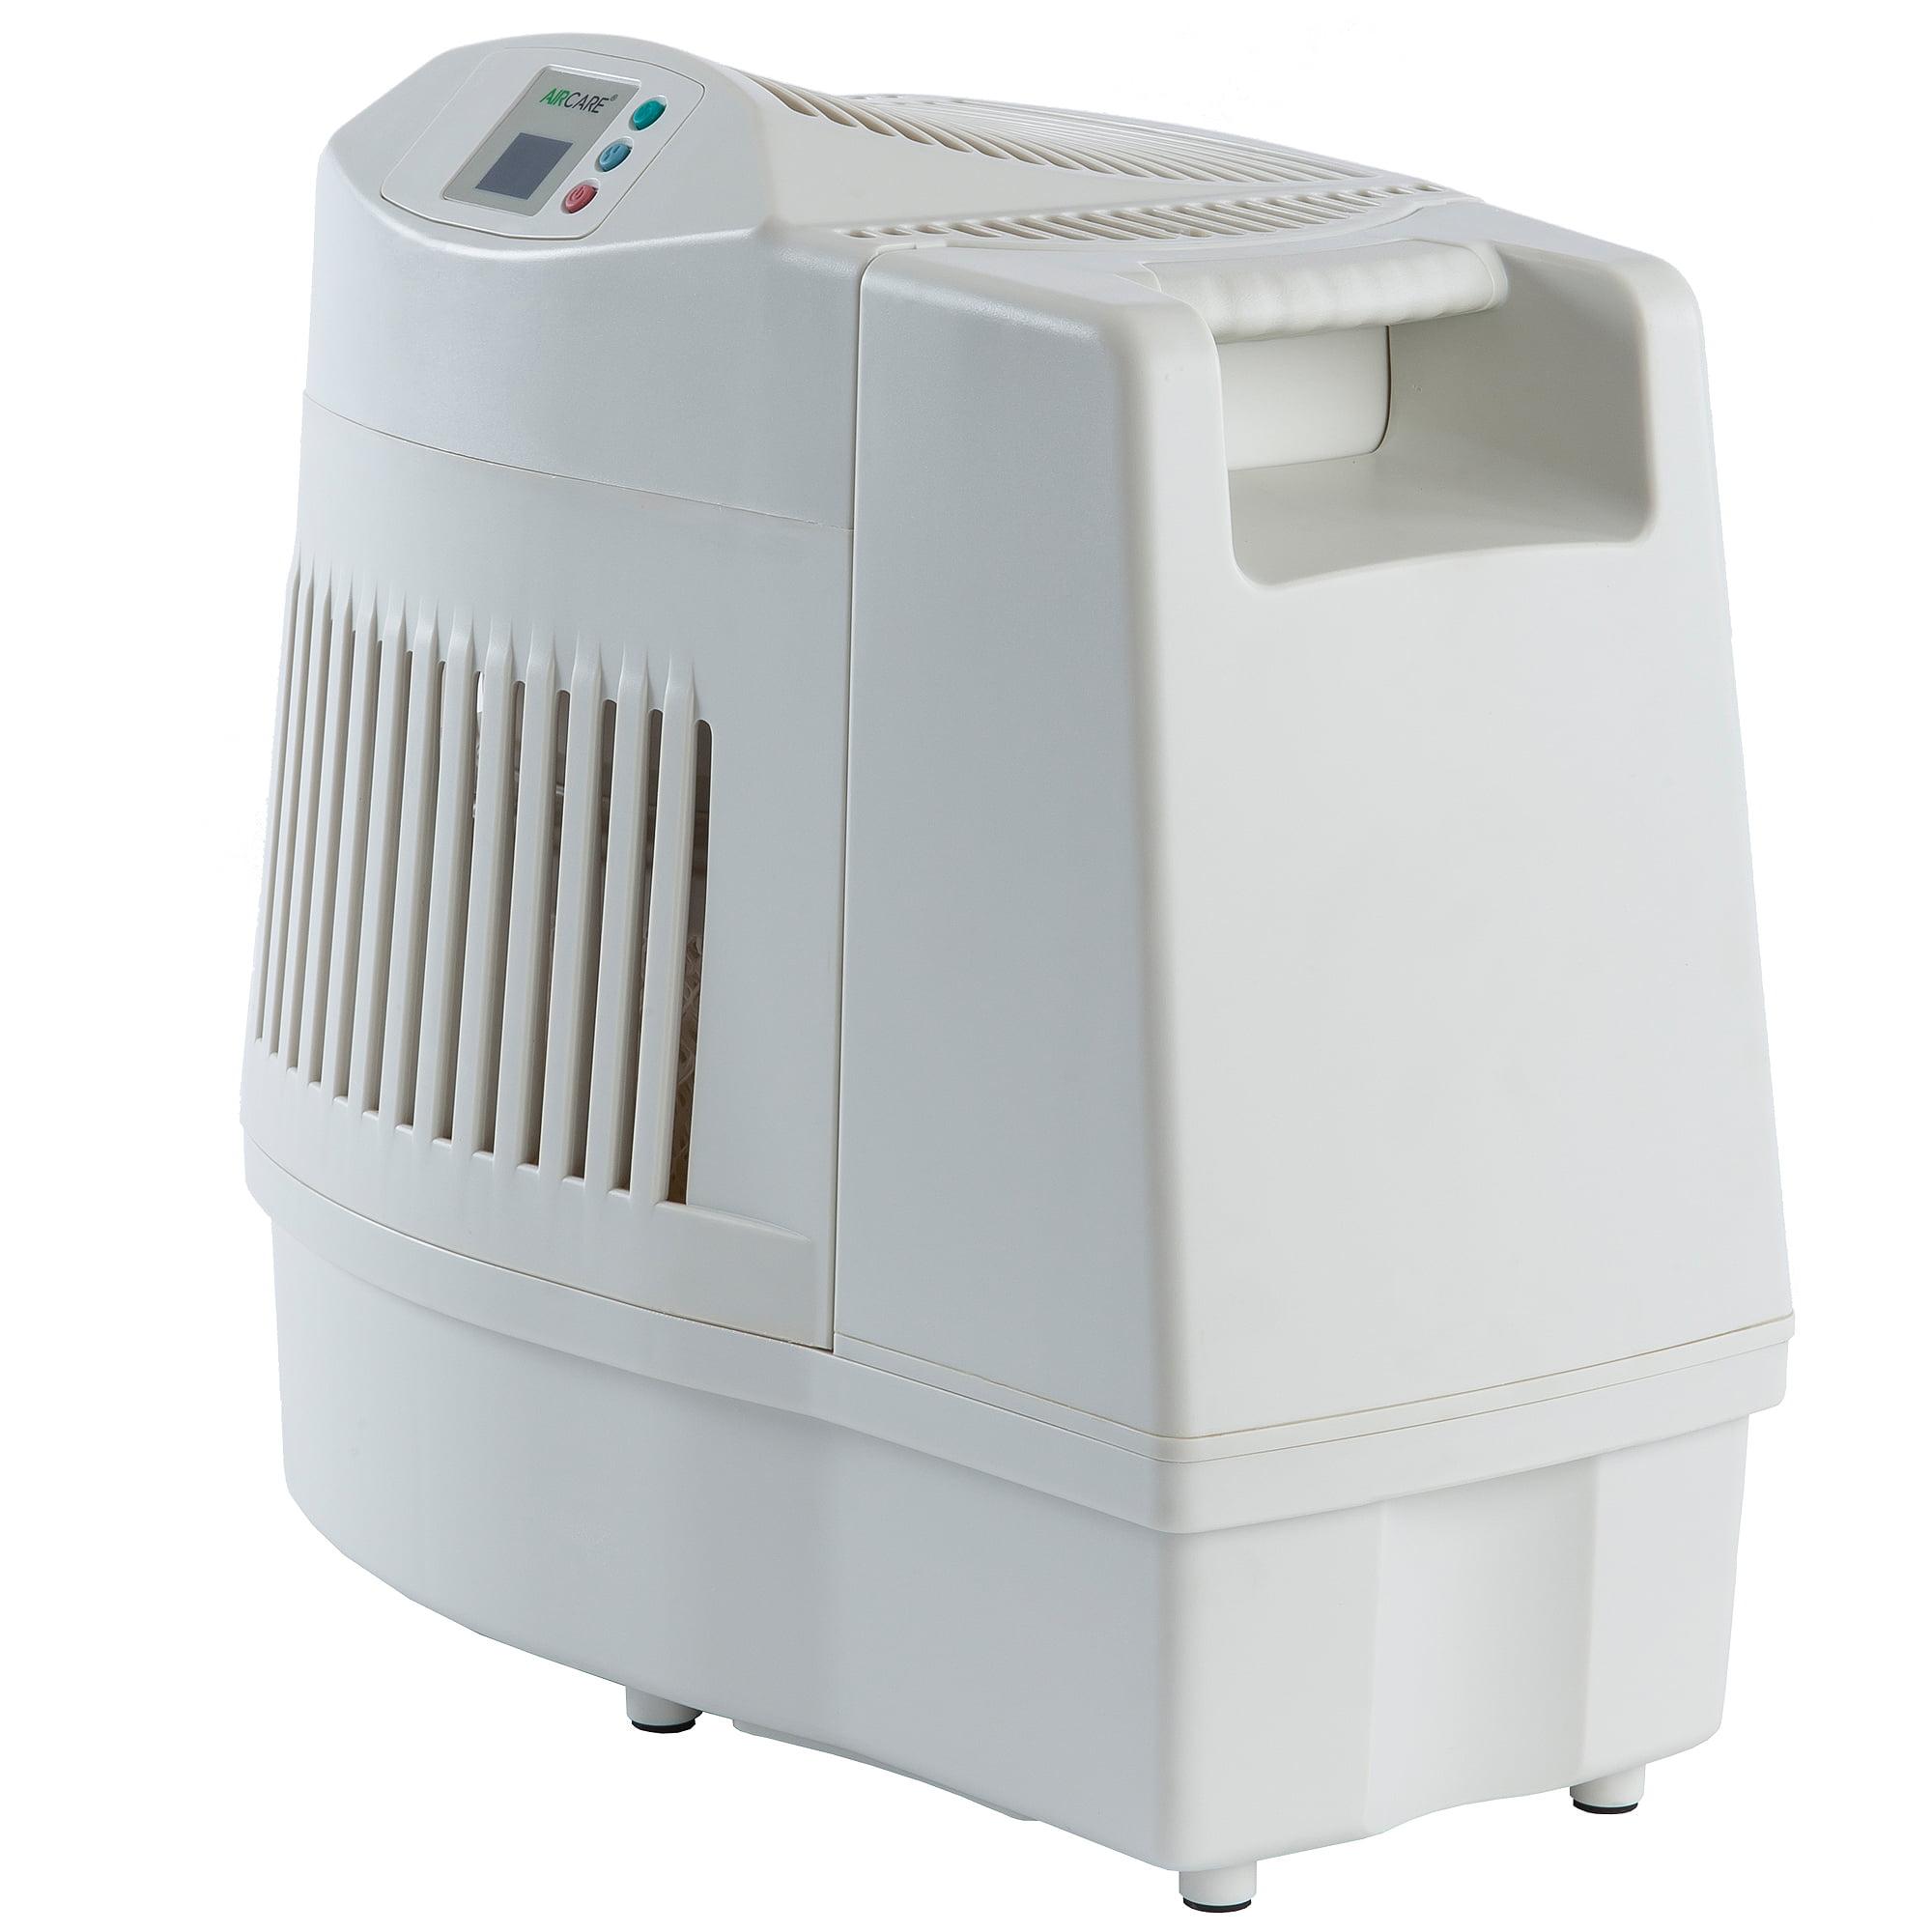 Amazoncom TaoTronics TTAH009 Ultrasonic Cool Mist